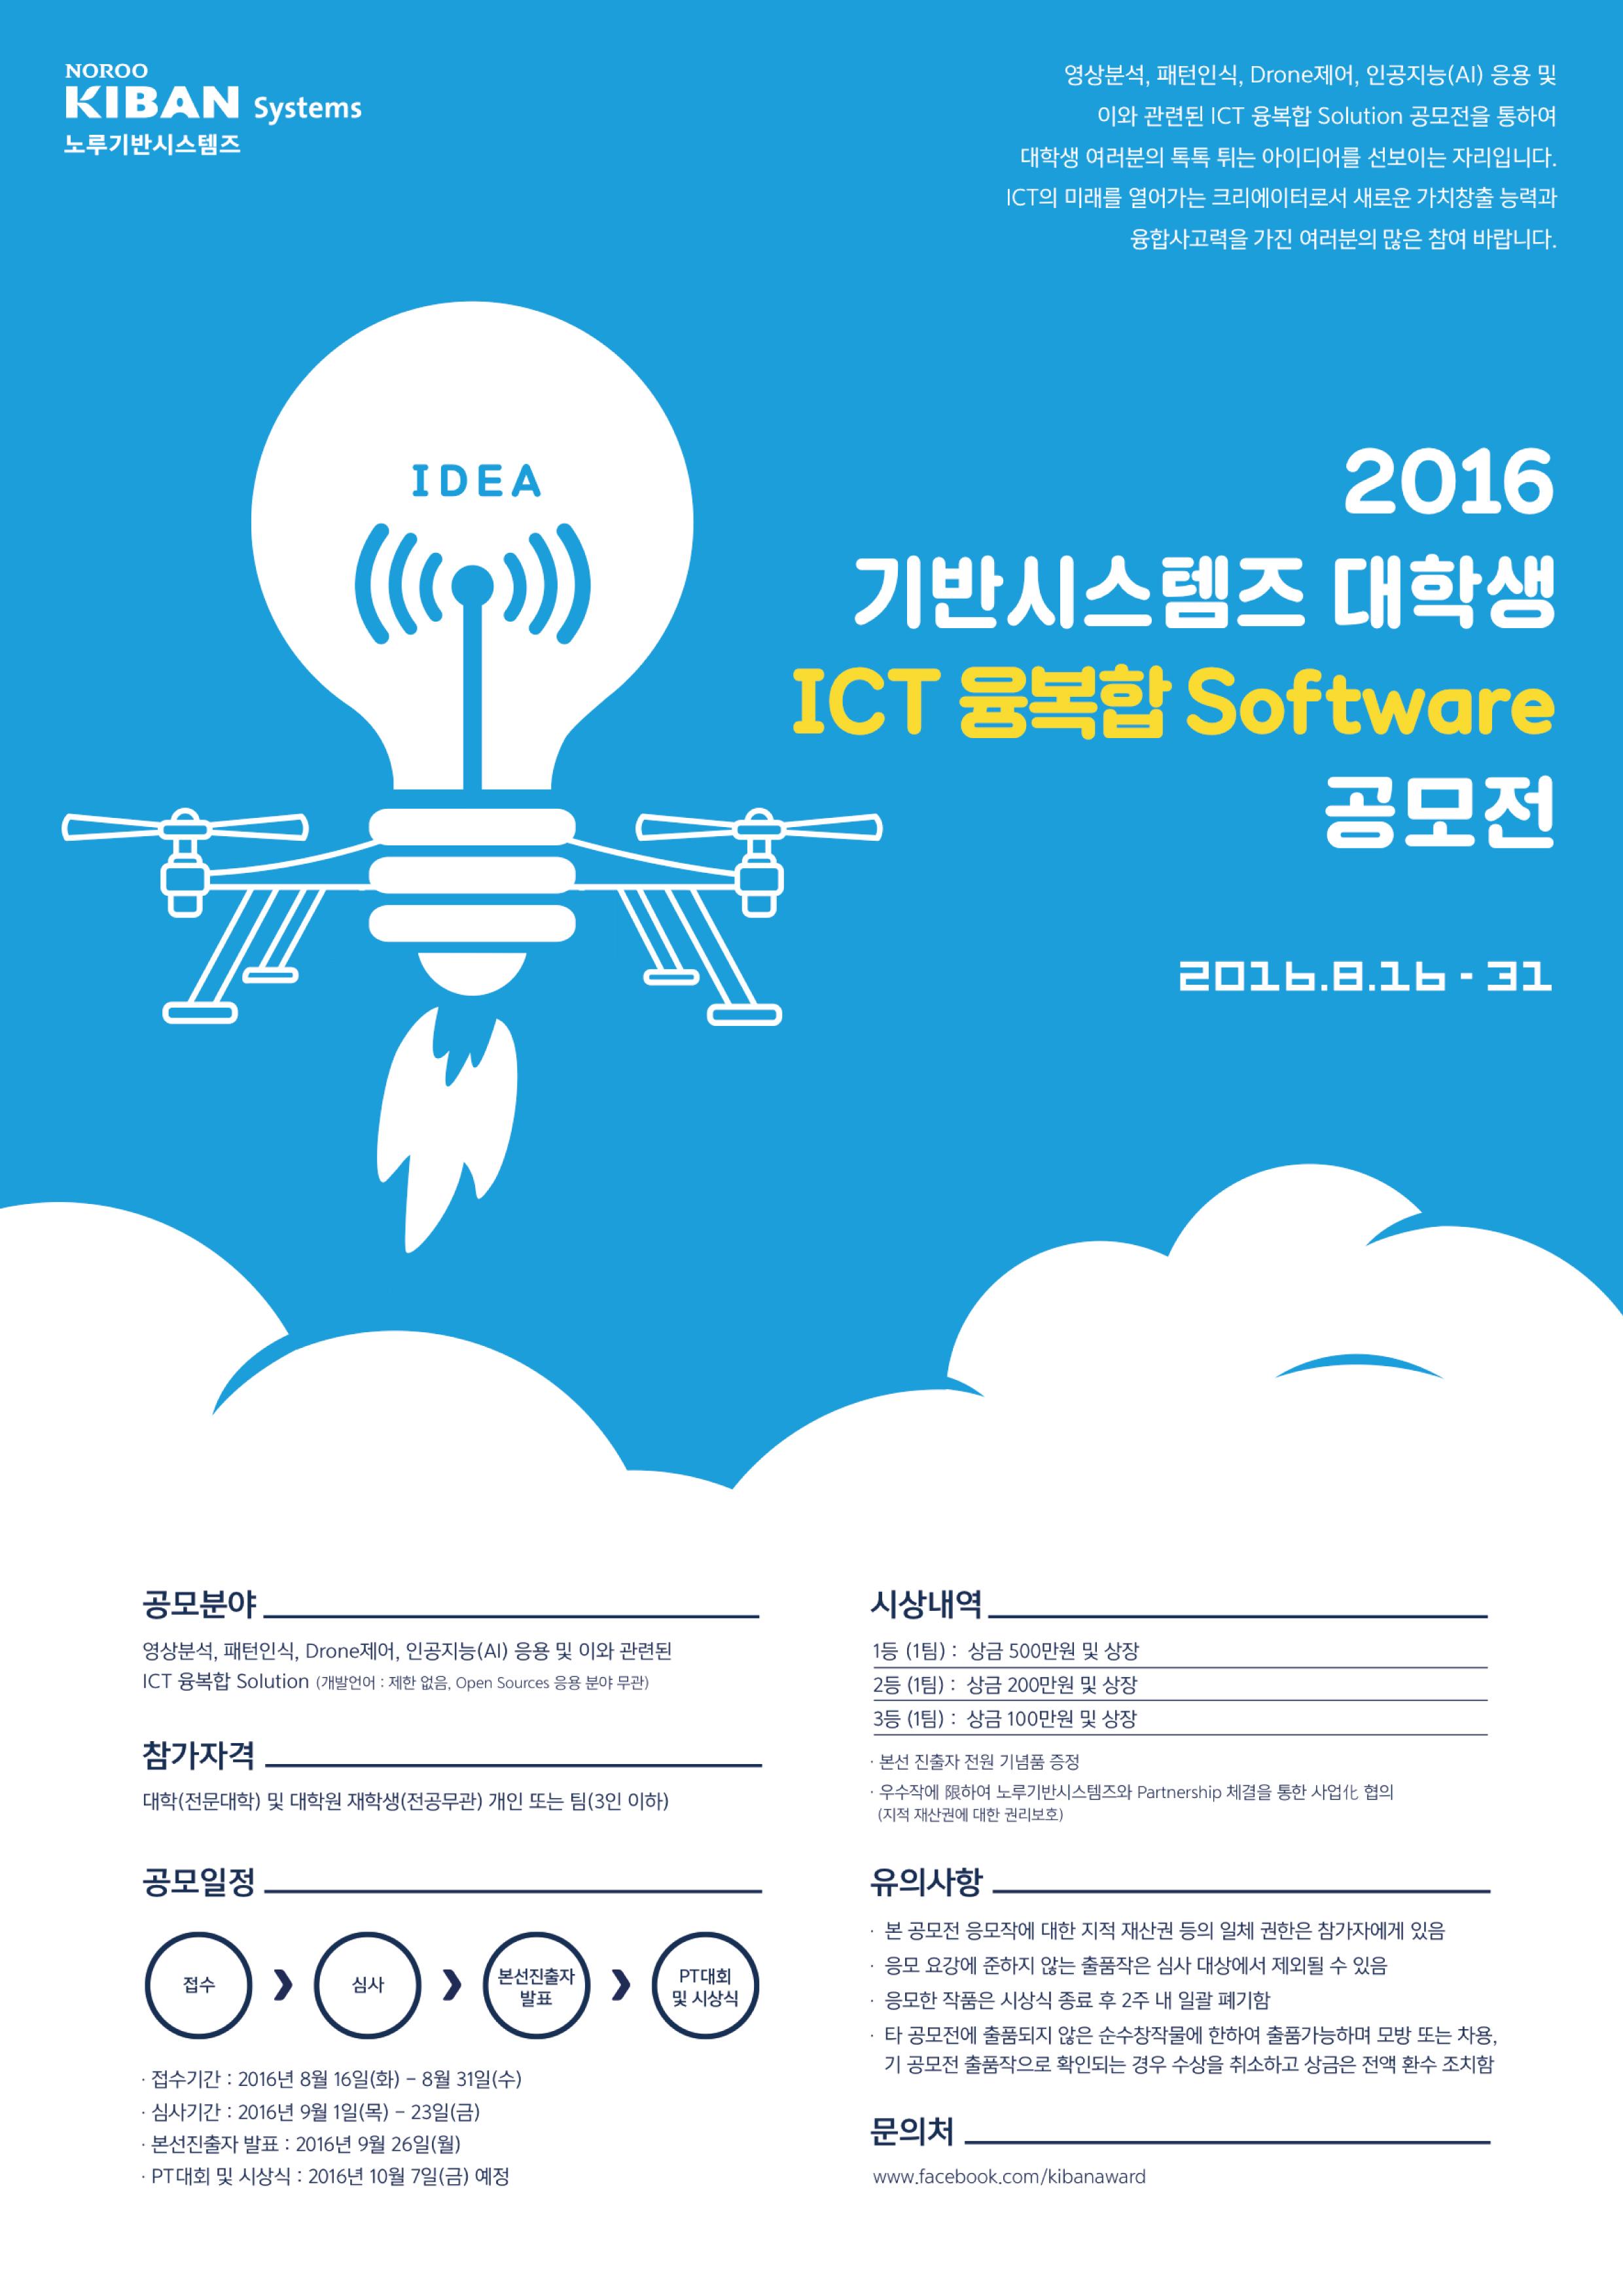 Poster design awards -  Kiban Systems Ict Software Awards Poster Design